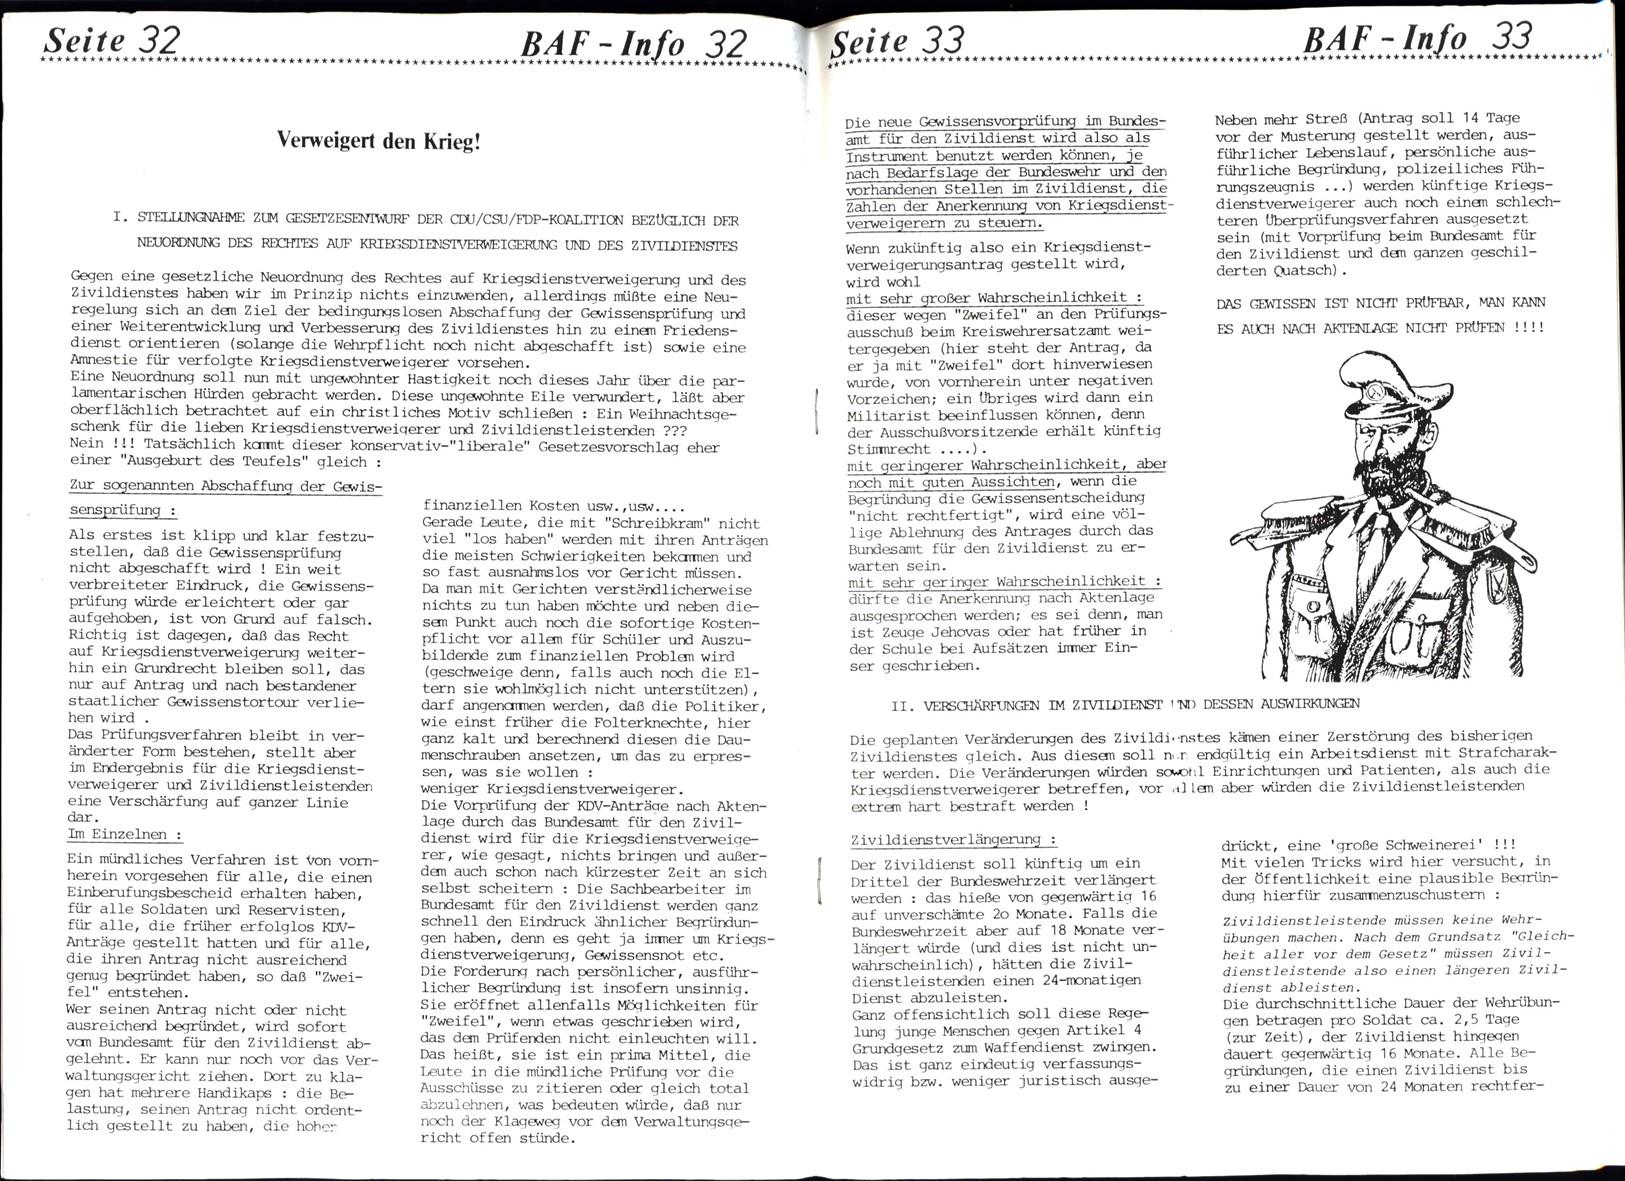 BAF_Info_02_19830100_17